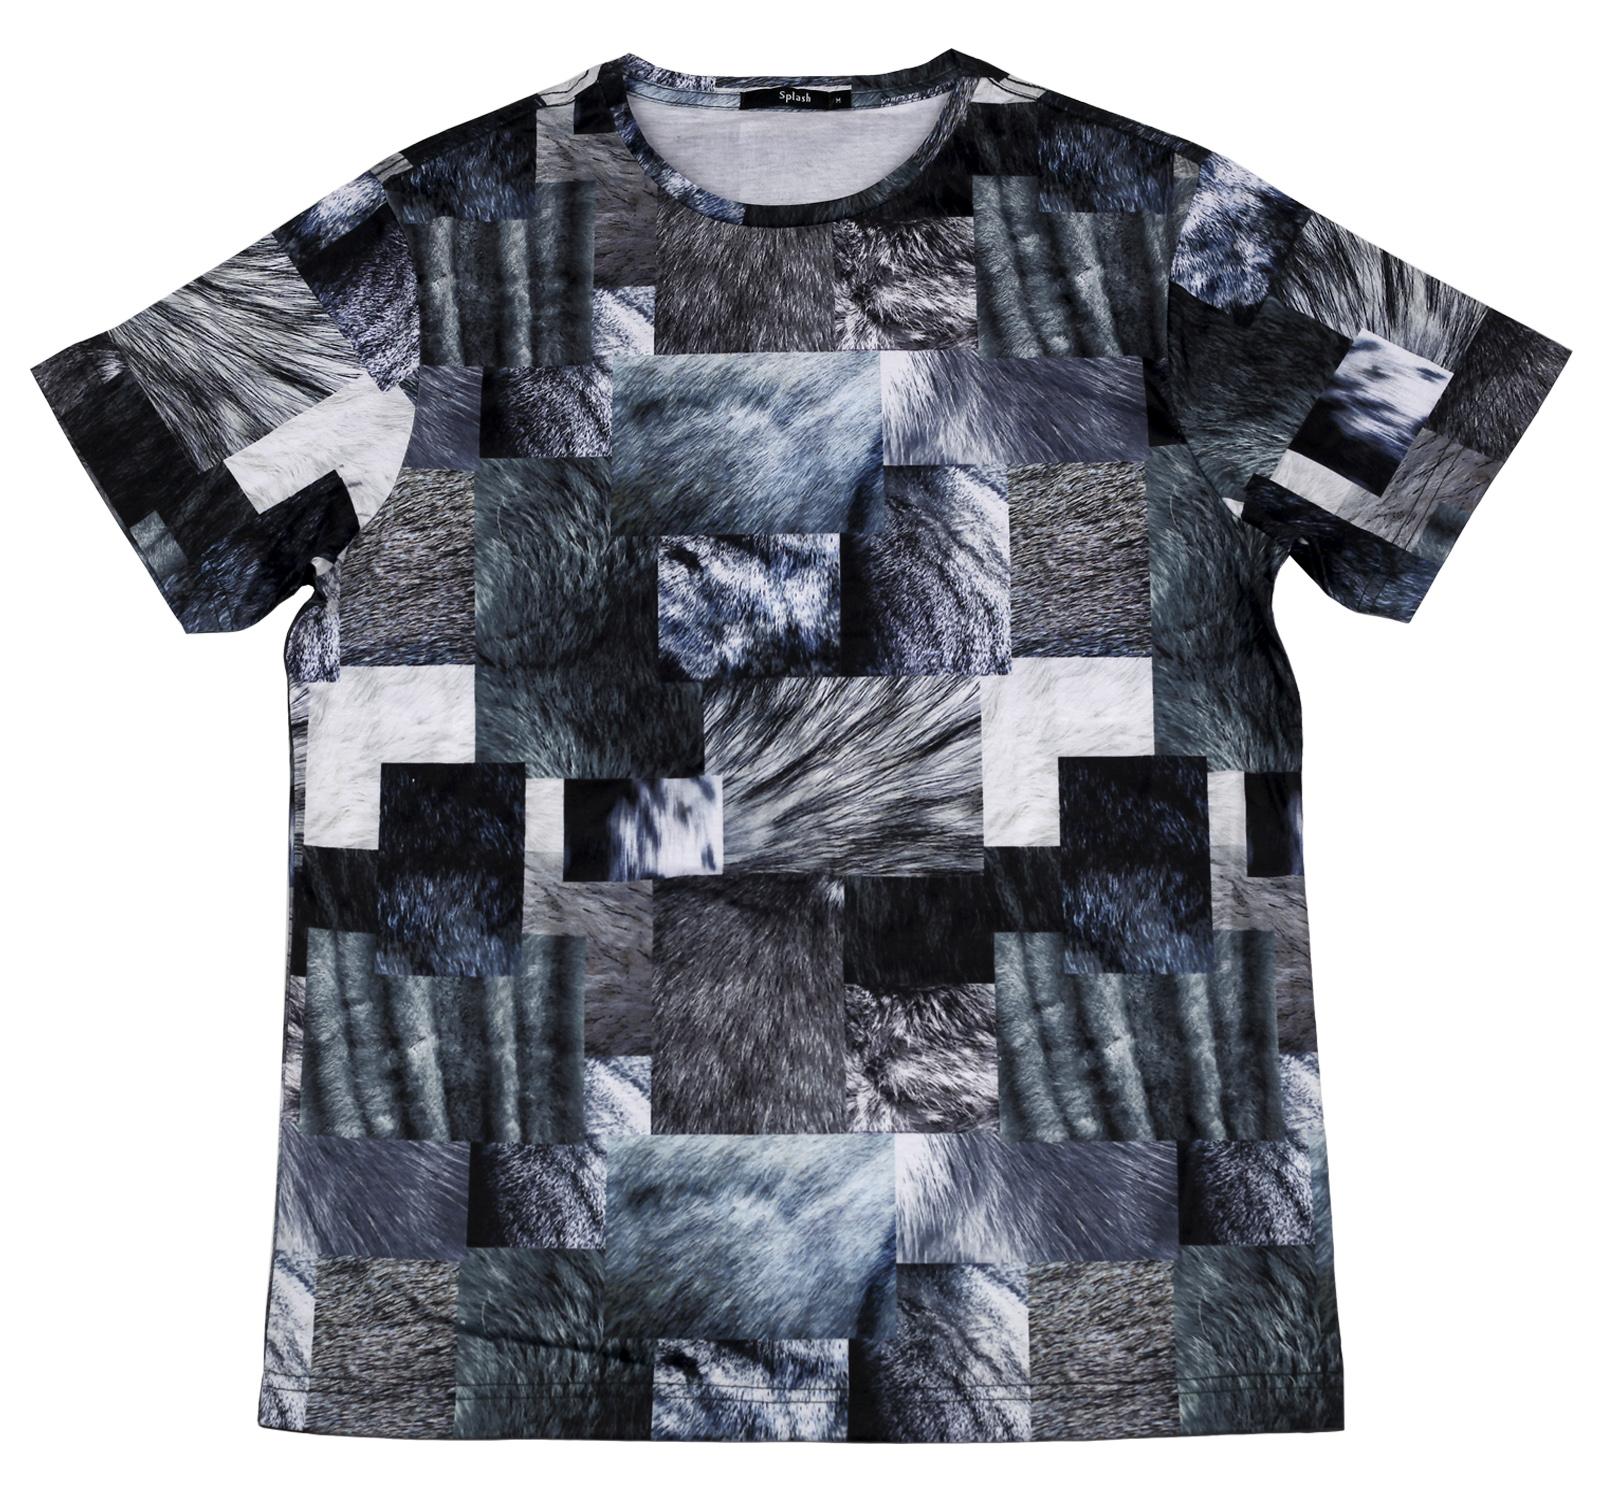 Черно-белая футболка Splash. Абстракция